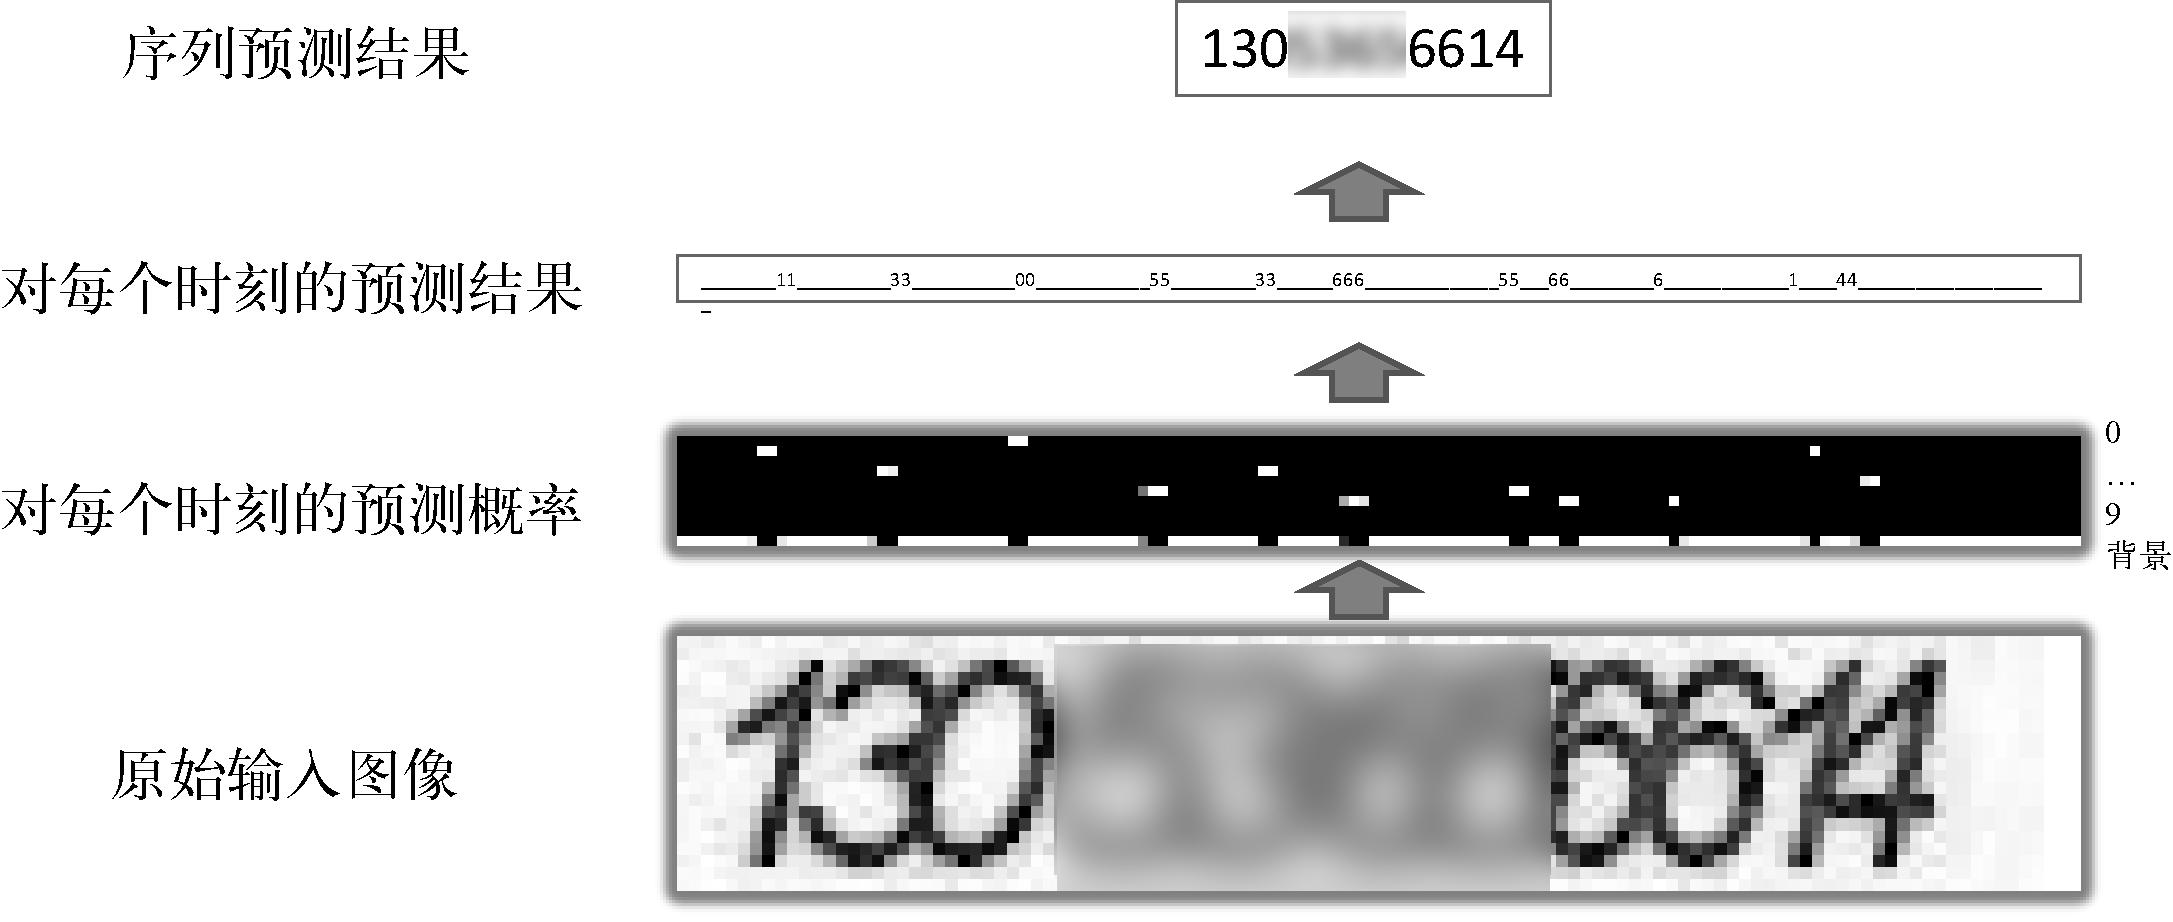 图17 CTC解码过程